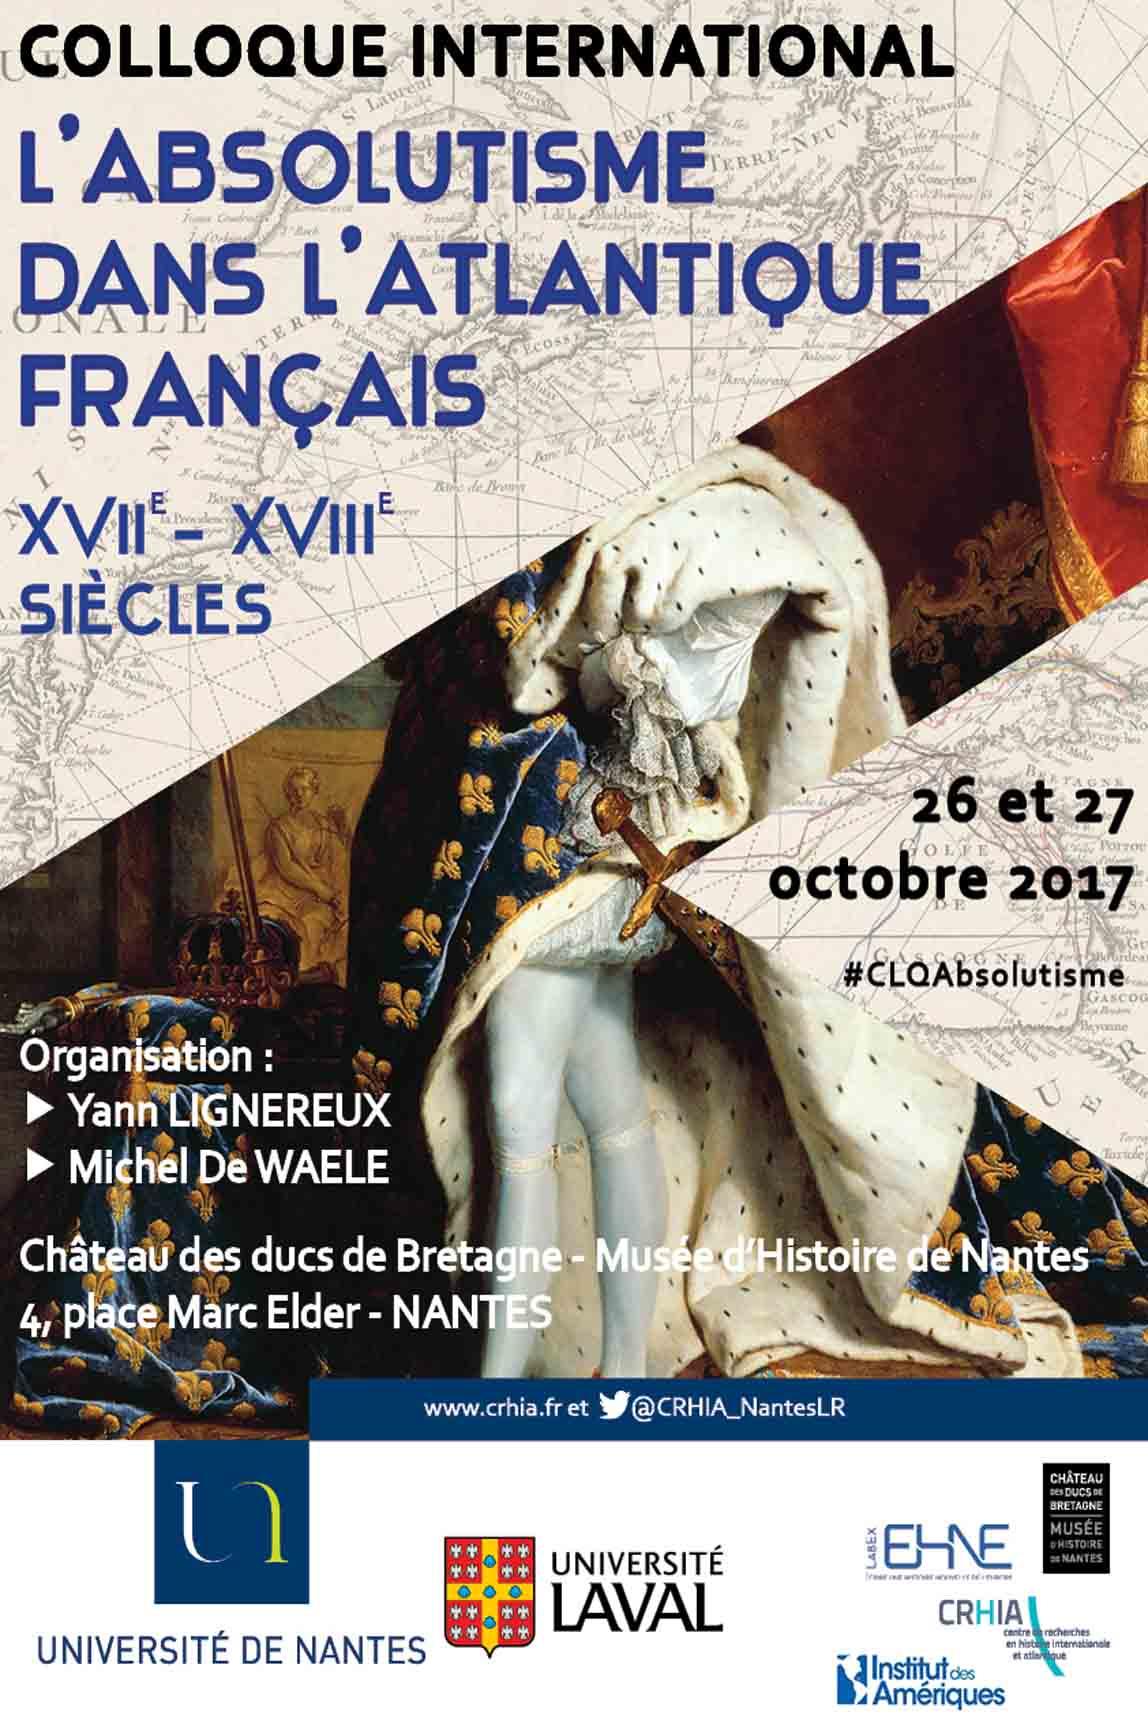 L'absolutisme dans l'atlantique français XVII-XVIIIe siècles @ Château des ducs de Bretagne - Musée d'Histoire de Nantes Tour du Fer à Cheval | Nantes | Pays de la Loire | France